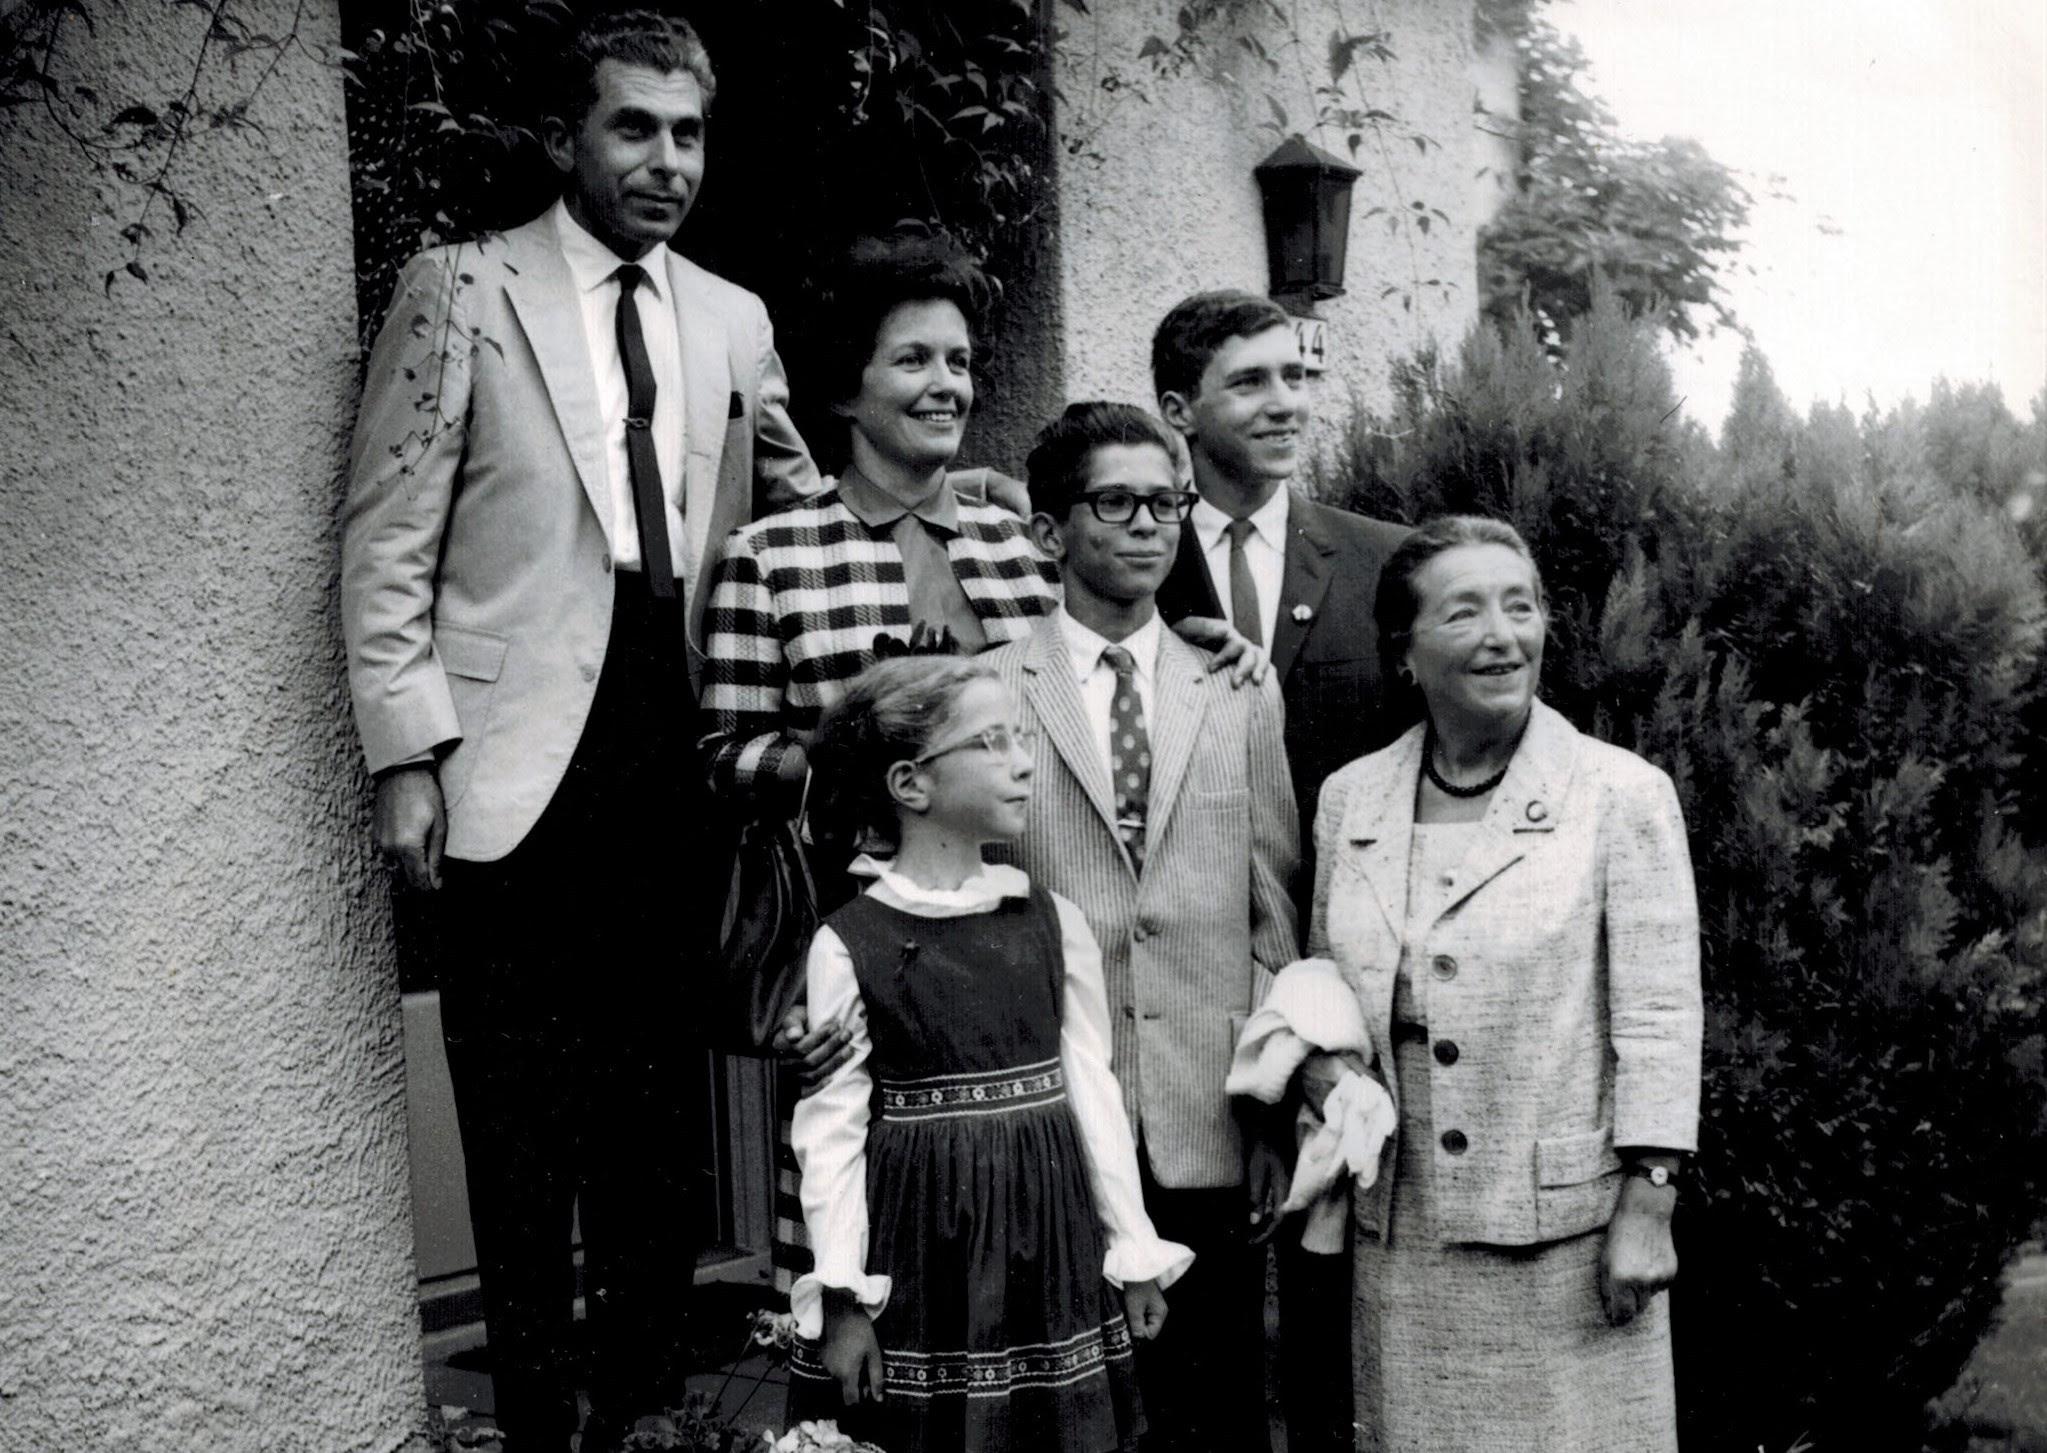 Nussbaum family